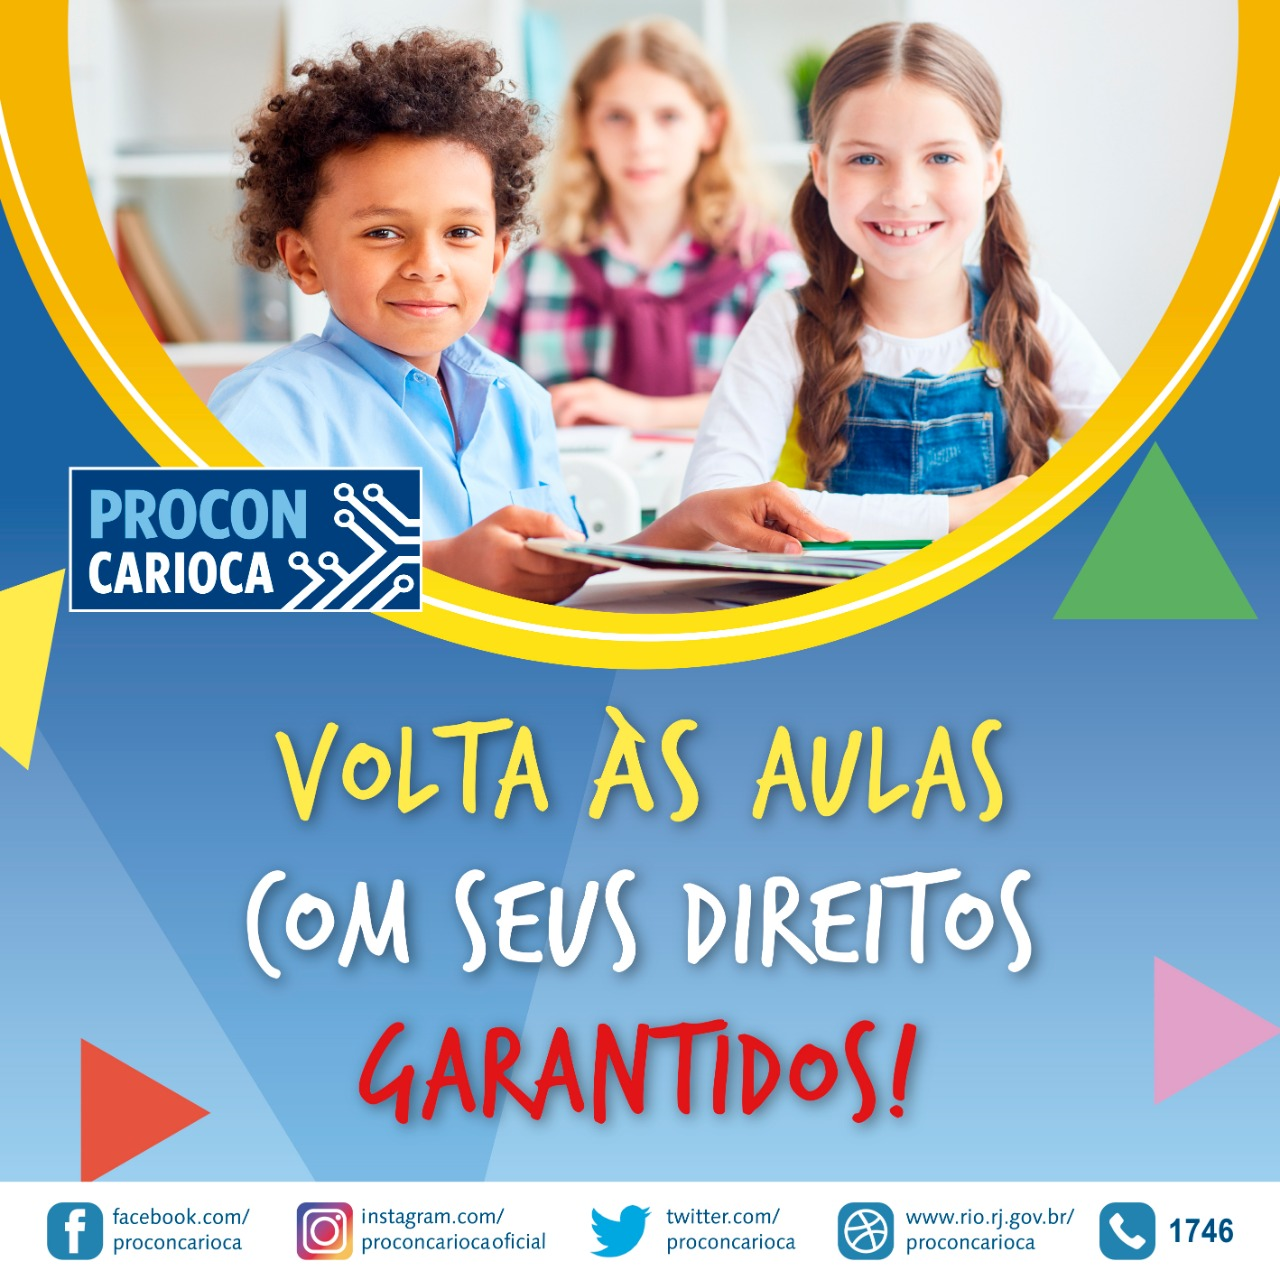 Dicas do Procon Carioca para a volta às aulas